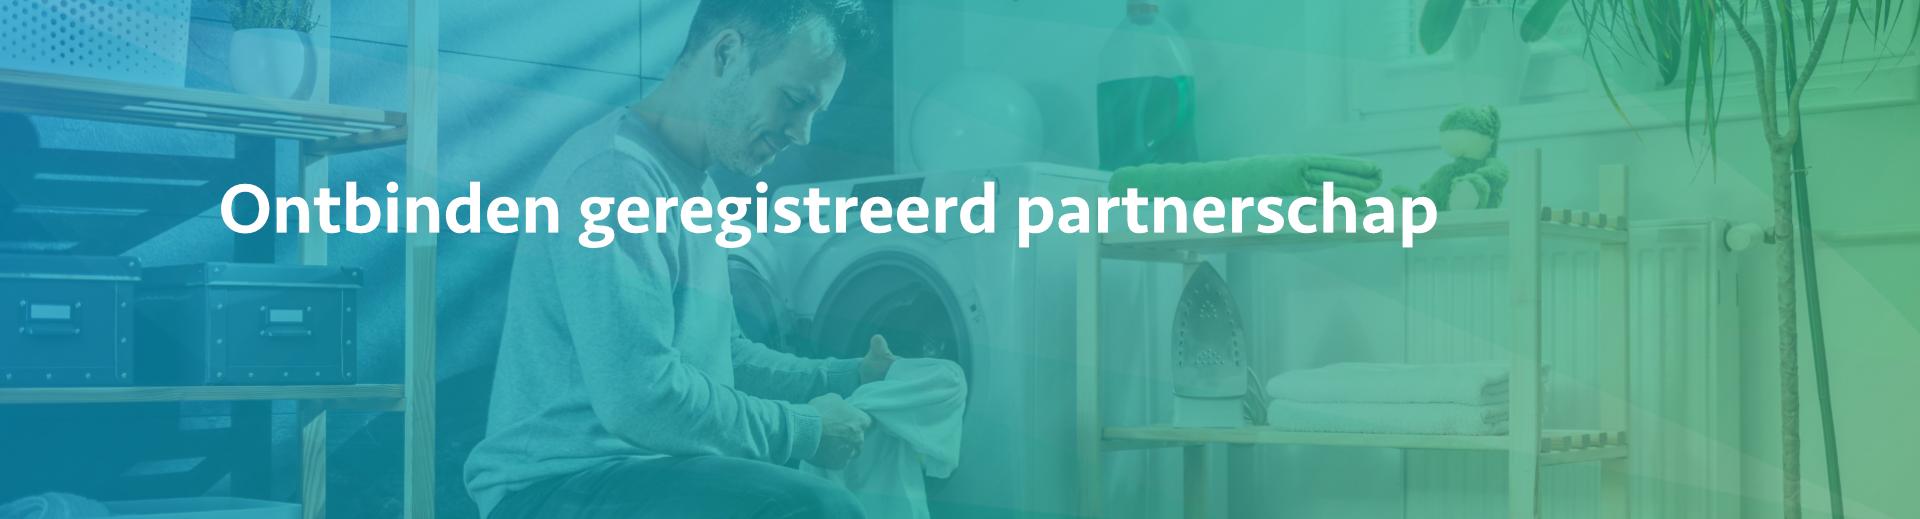 Ontbinden geregistreerd partnerschap - Scheidingsplanner Den Haag & Rijswijk